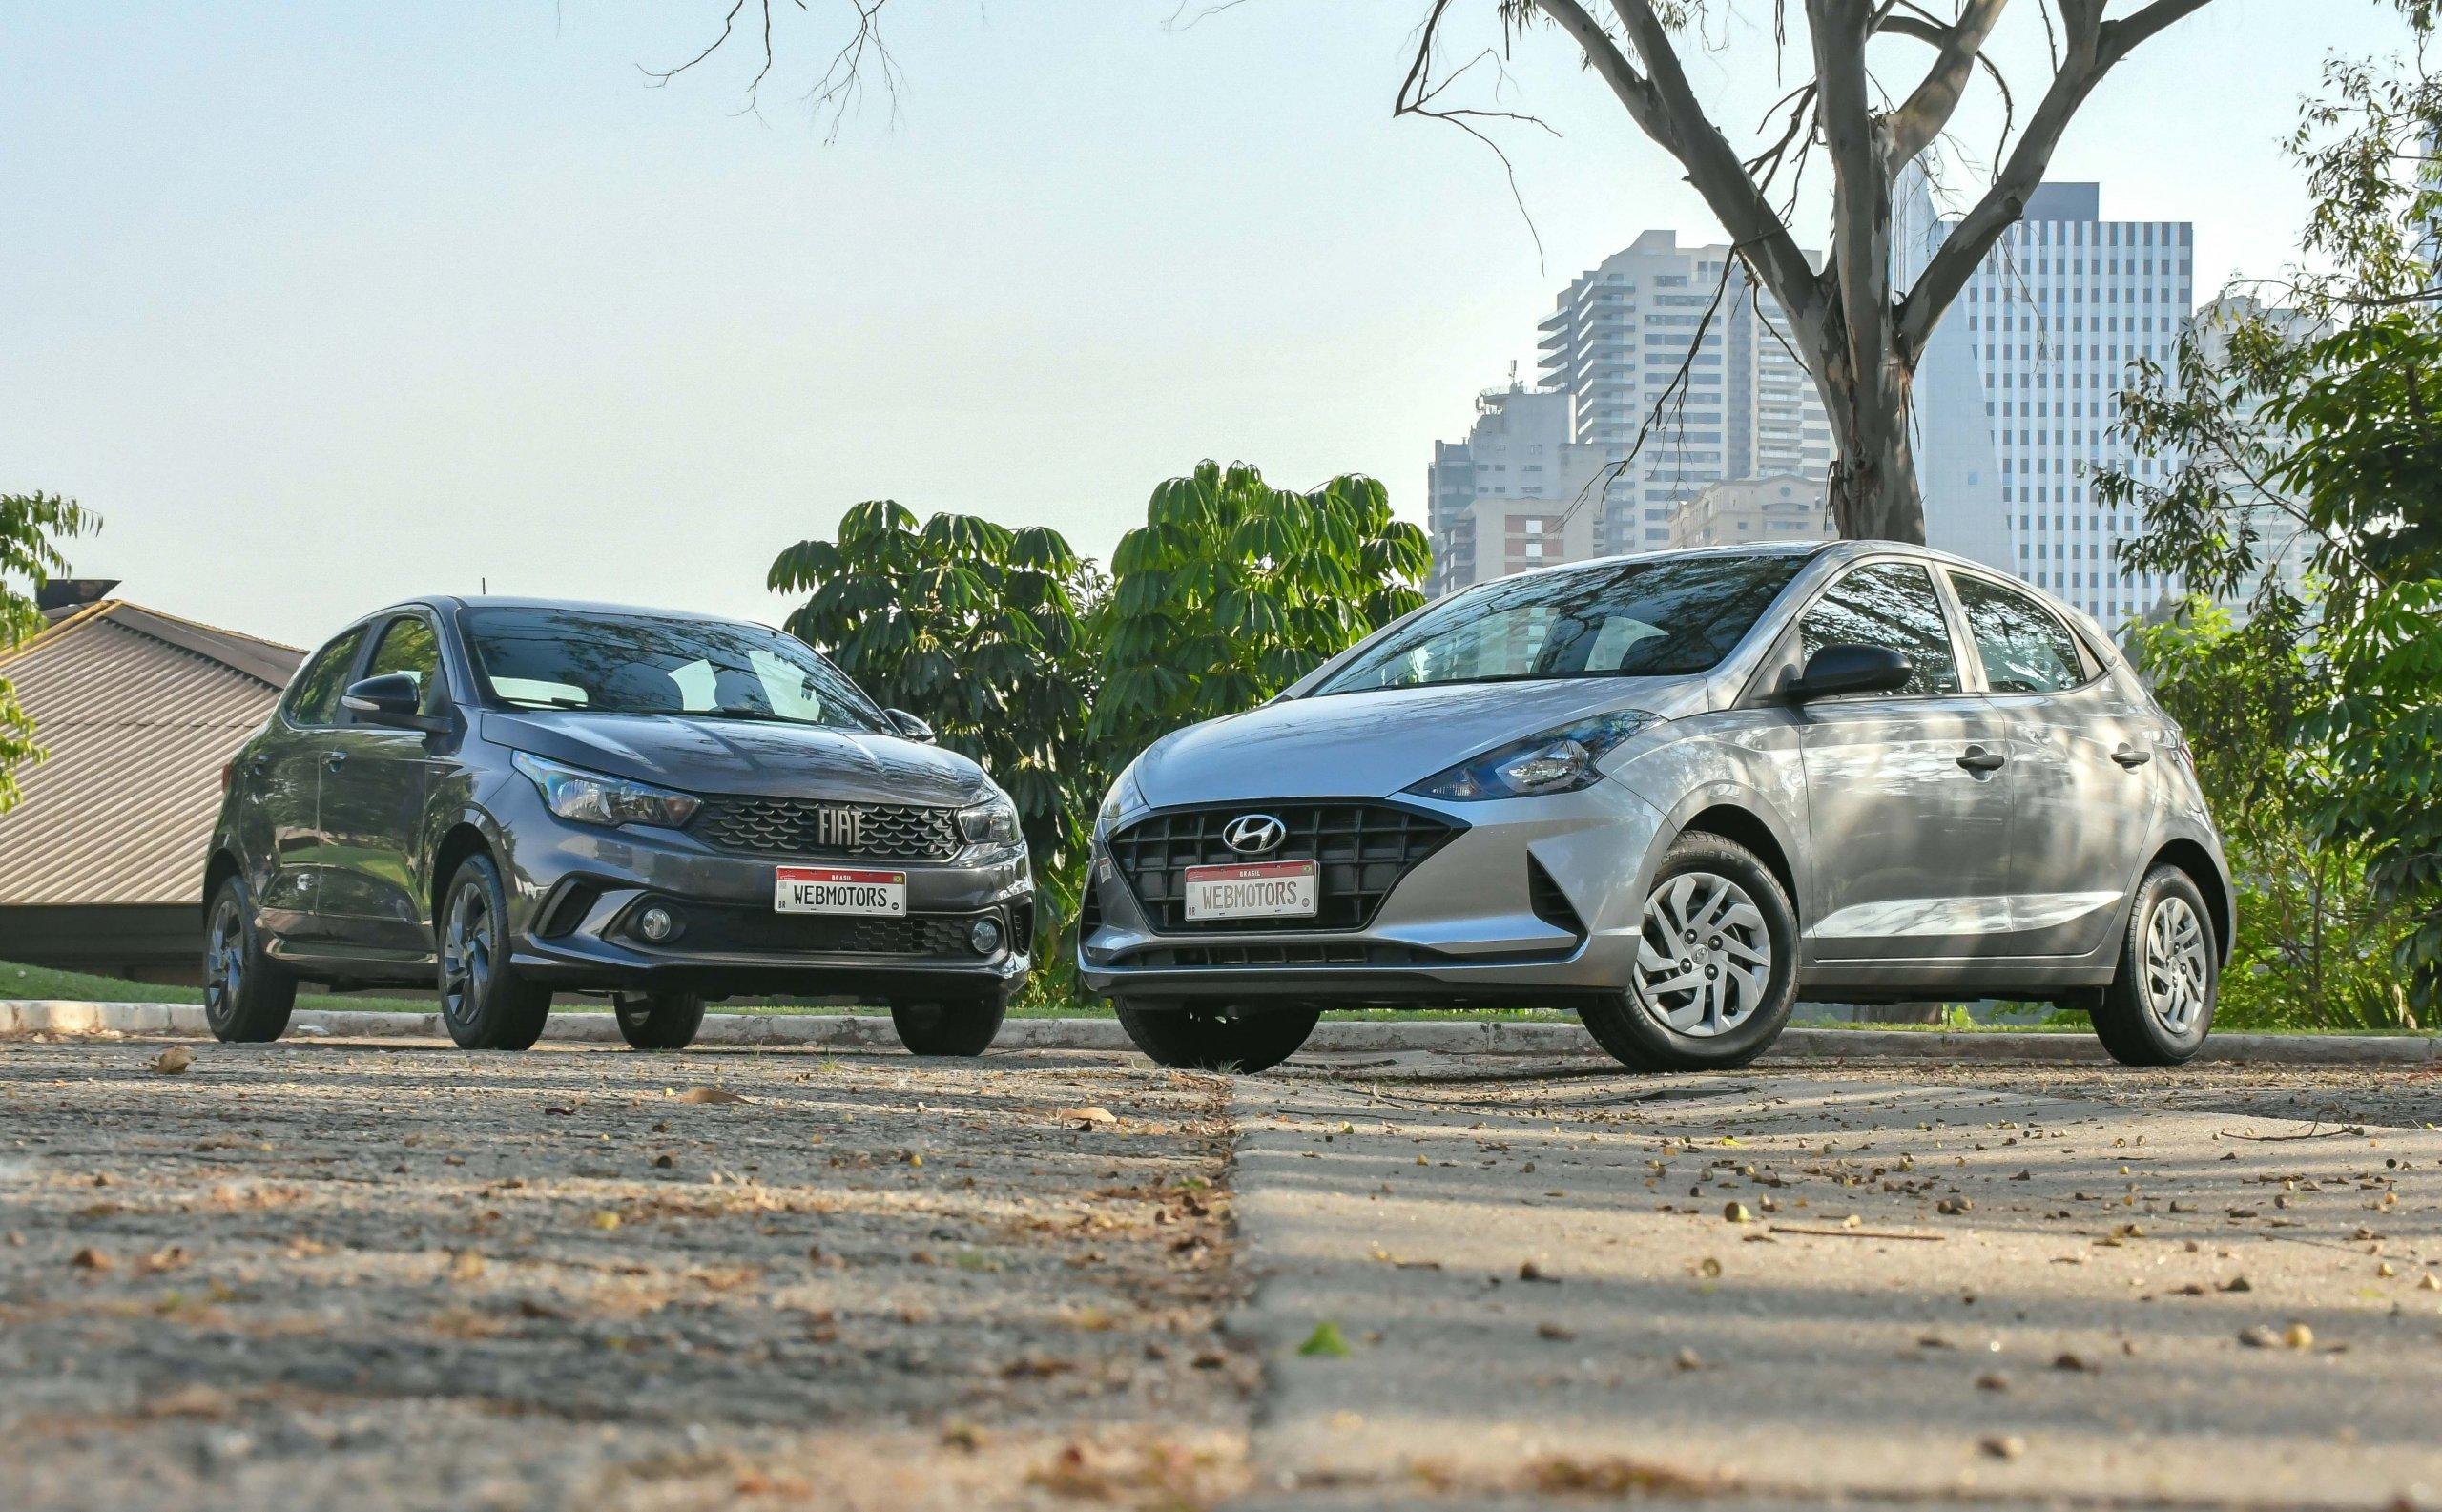 Hyundai Hb20 Evolution 1.0 e Fiat Argo 1.0